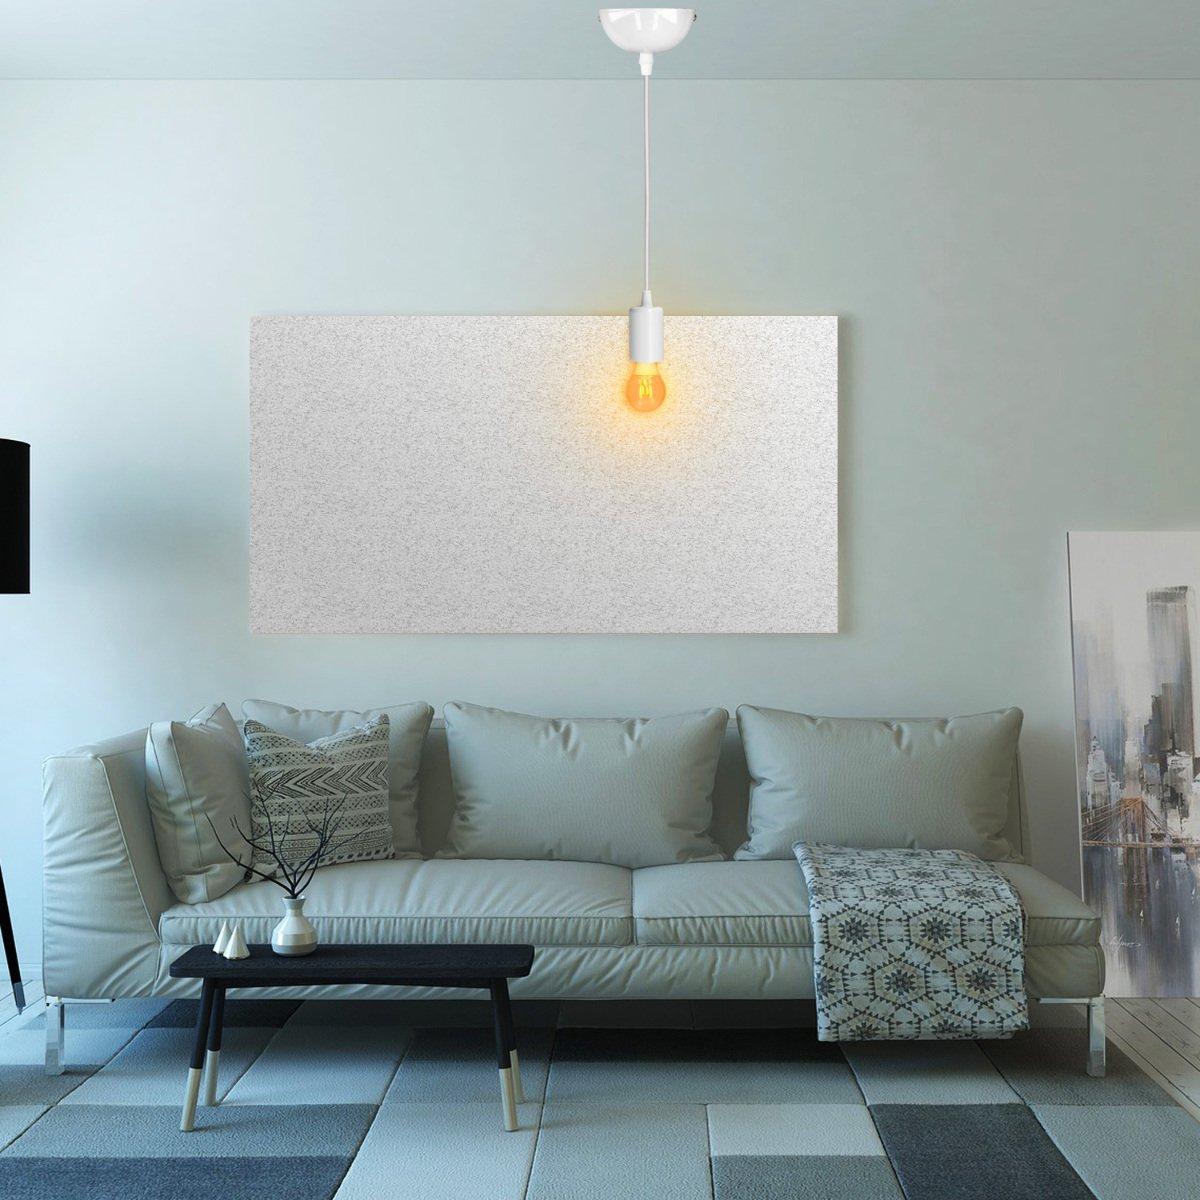 kwmobile Douille de lampe E27 Suspension luminaire plafond en m/étal Support de lampe plafonnier E27 fil textile noir /& blanc 90 cm et socle lampe